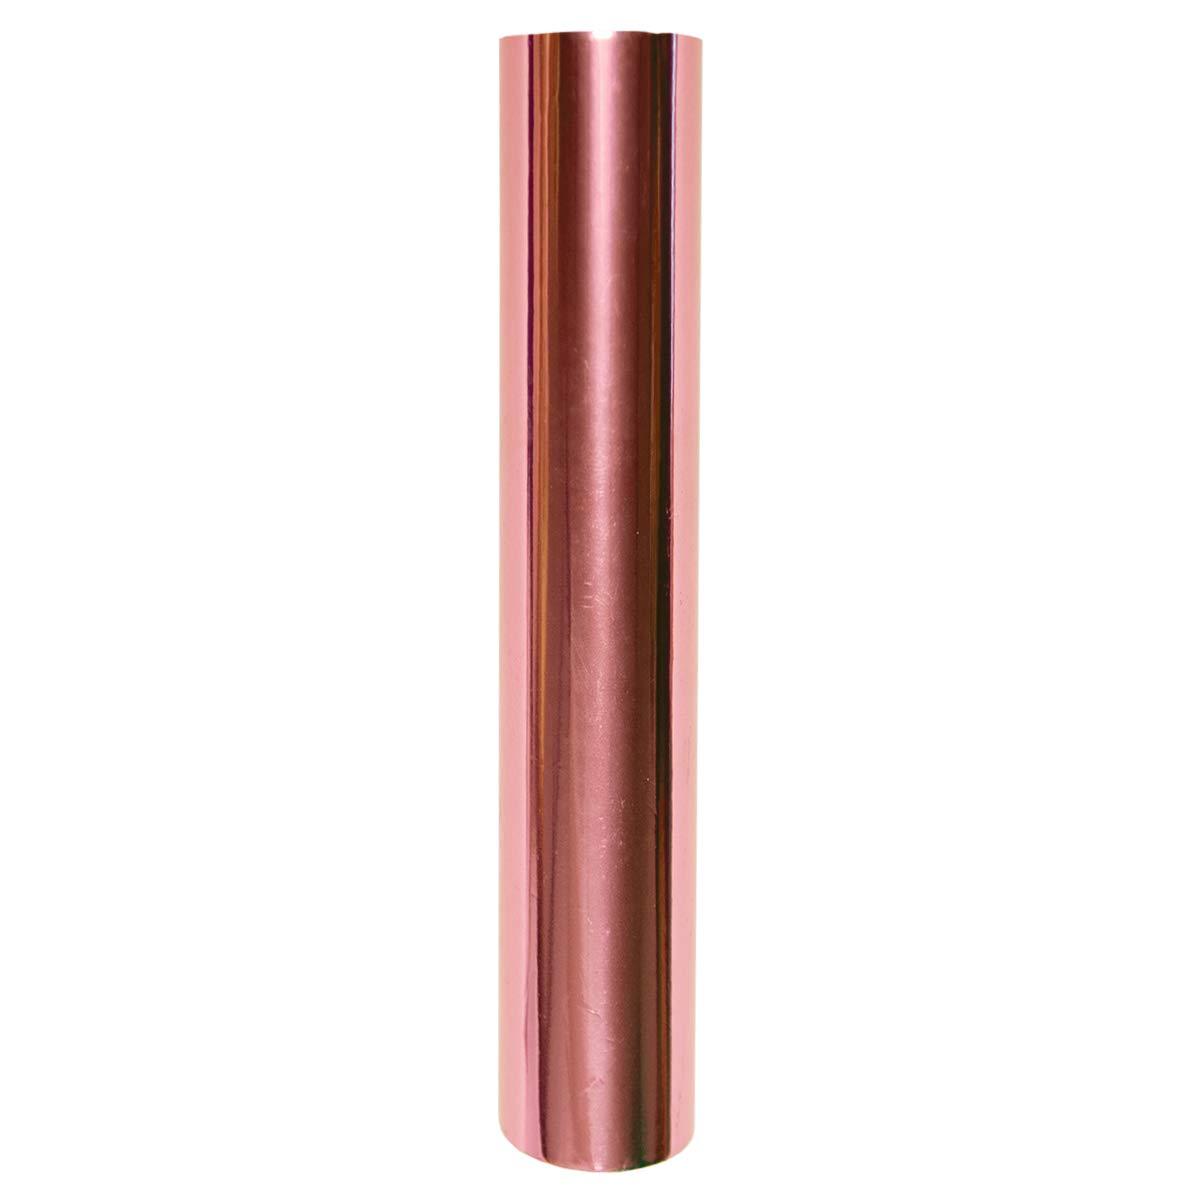 Rose Gold Spellbinders GLF-004 Glimmer Hot Foil Roll